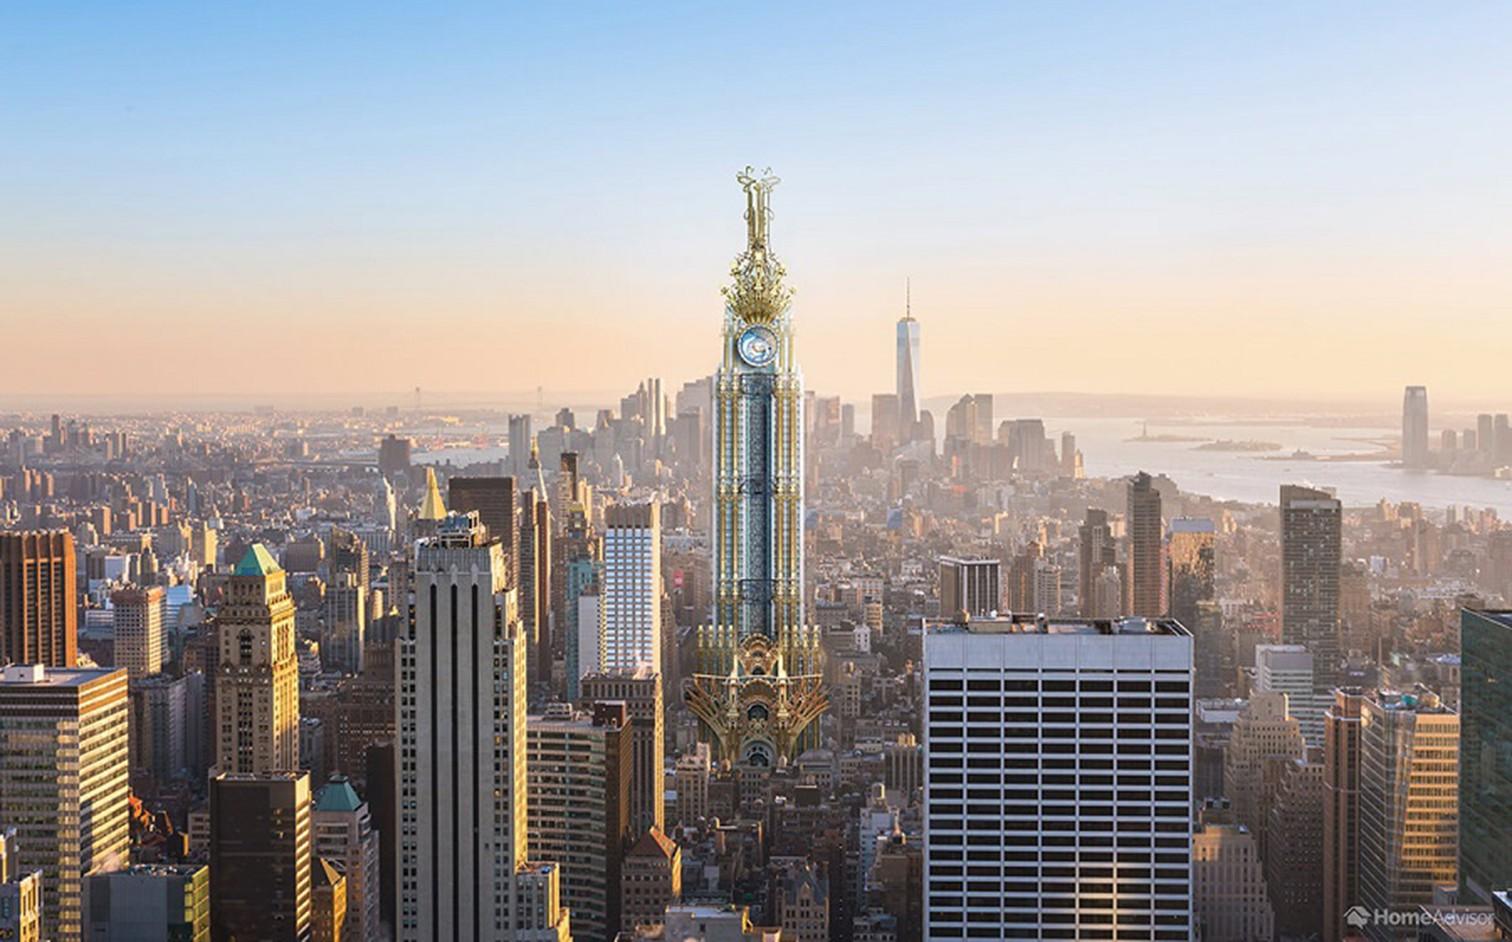 Das Empire State Building im Jugendstil. Die ersten Gebäude dieses Stils entstanden zirka ab1890. Die Architekten verwendeten dafür meist Materialien wie Glas und Schmiedeeisen, um kunstvoll geschwungene Linienzu erzeugen, die von natürlichen Formen ins